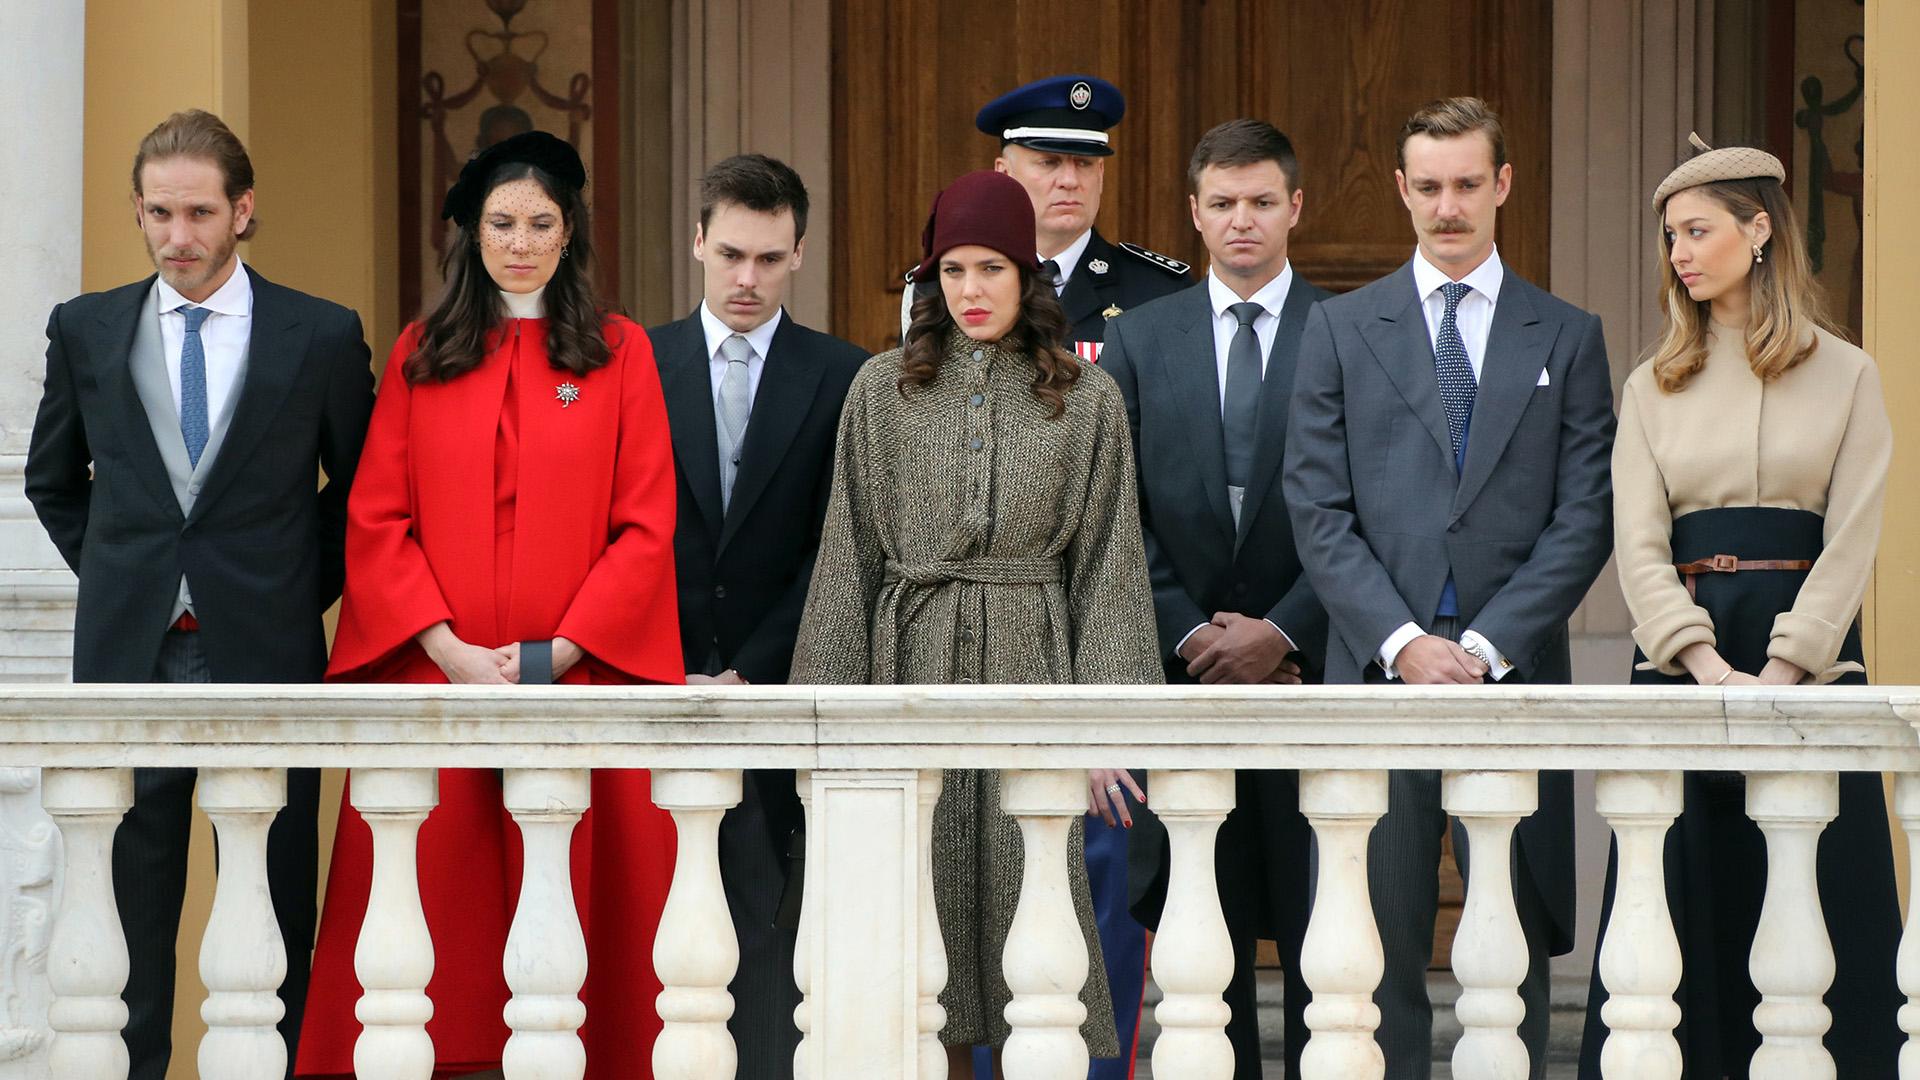 Los integrantes mas jóvenes de la familia real monegasca durante el tradicional festejo, saludando al pueblo /// Fotos: AFP